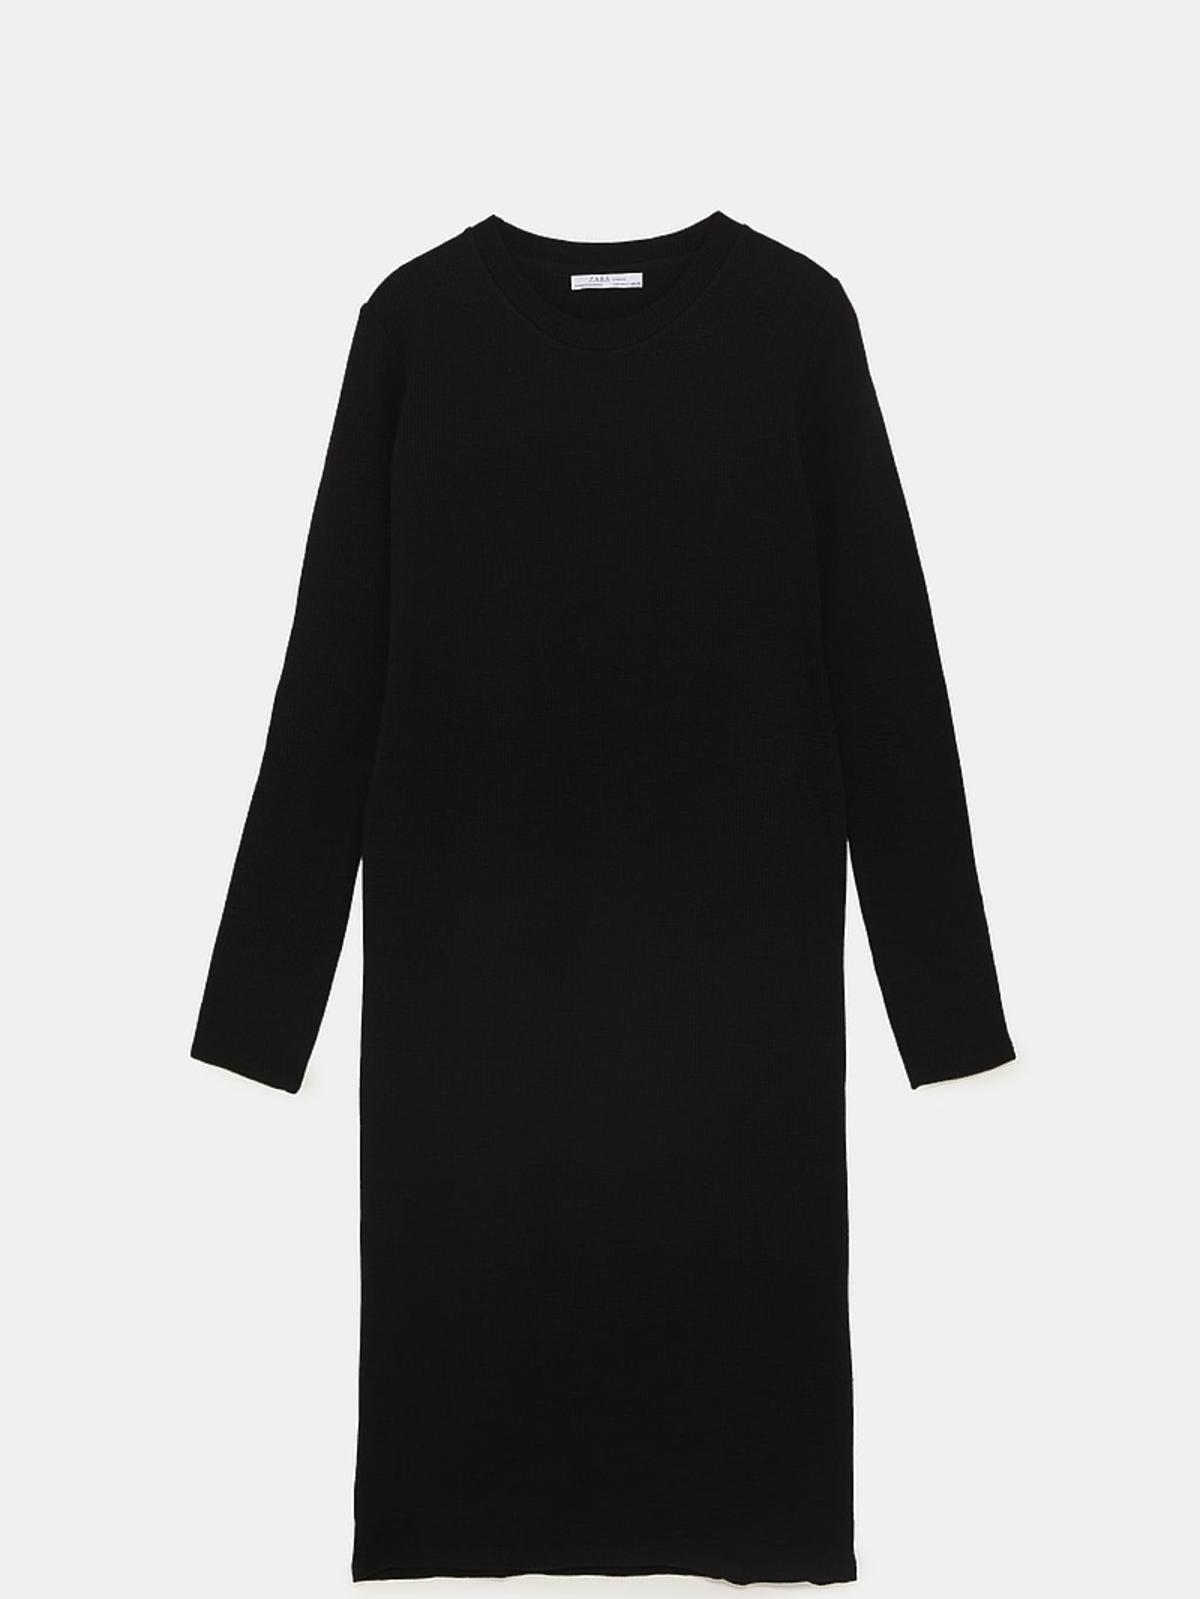 Dzianinowa sukienka Zara cena 89 zł